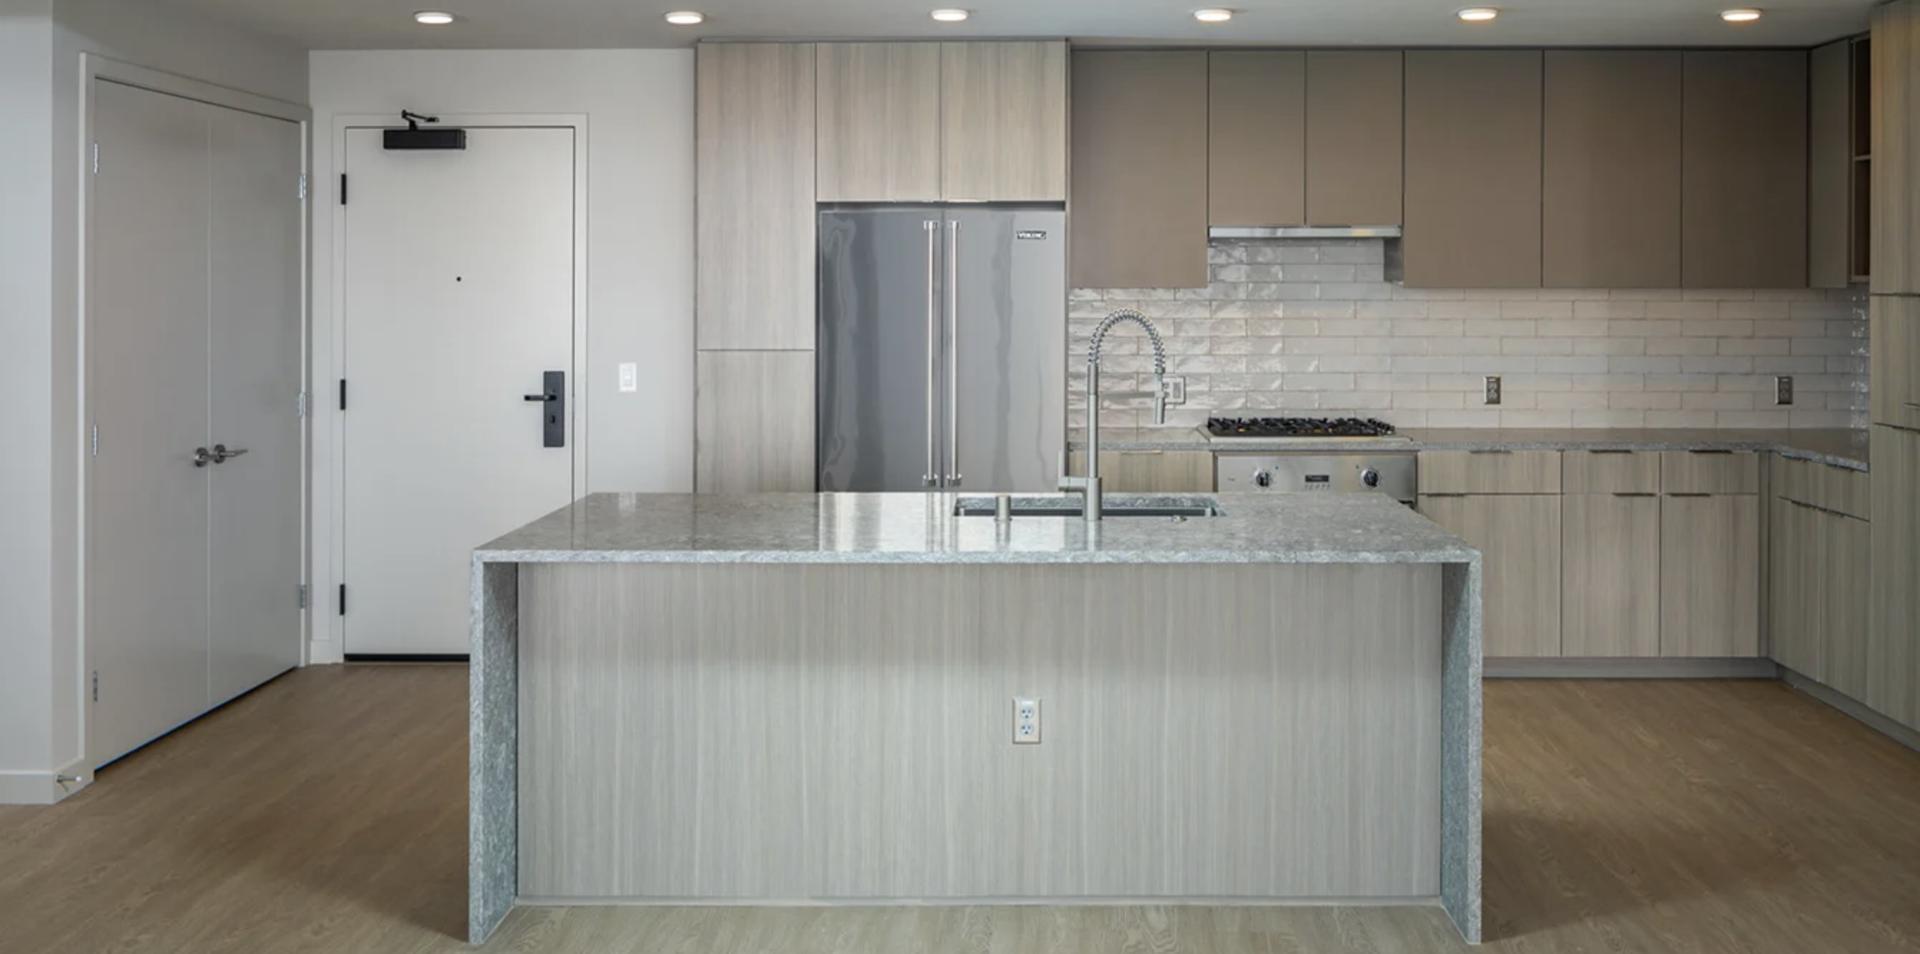 601 11th Avenue #1203, San Diego, CA - $4,605 USD/ month